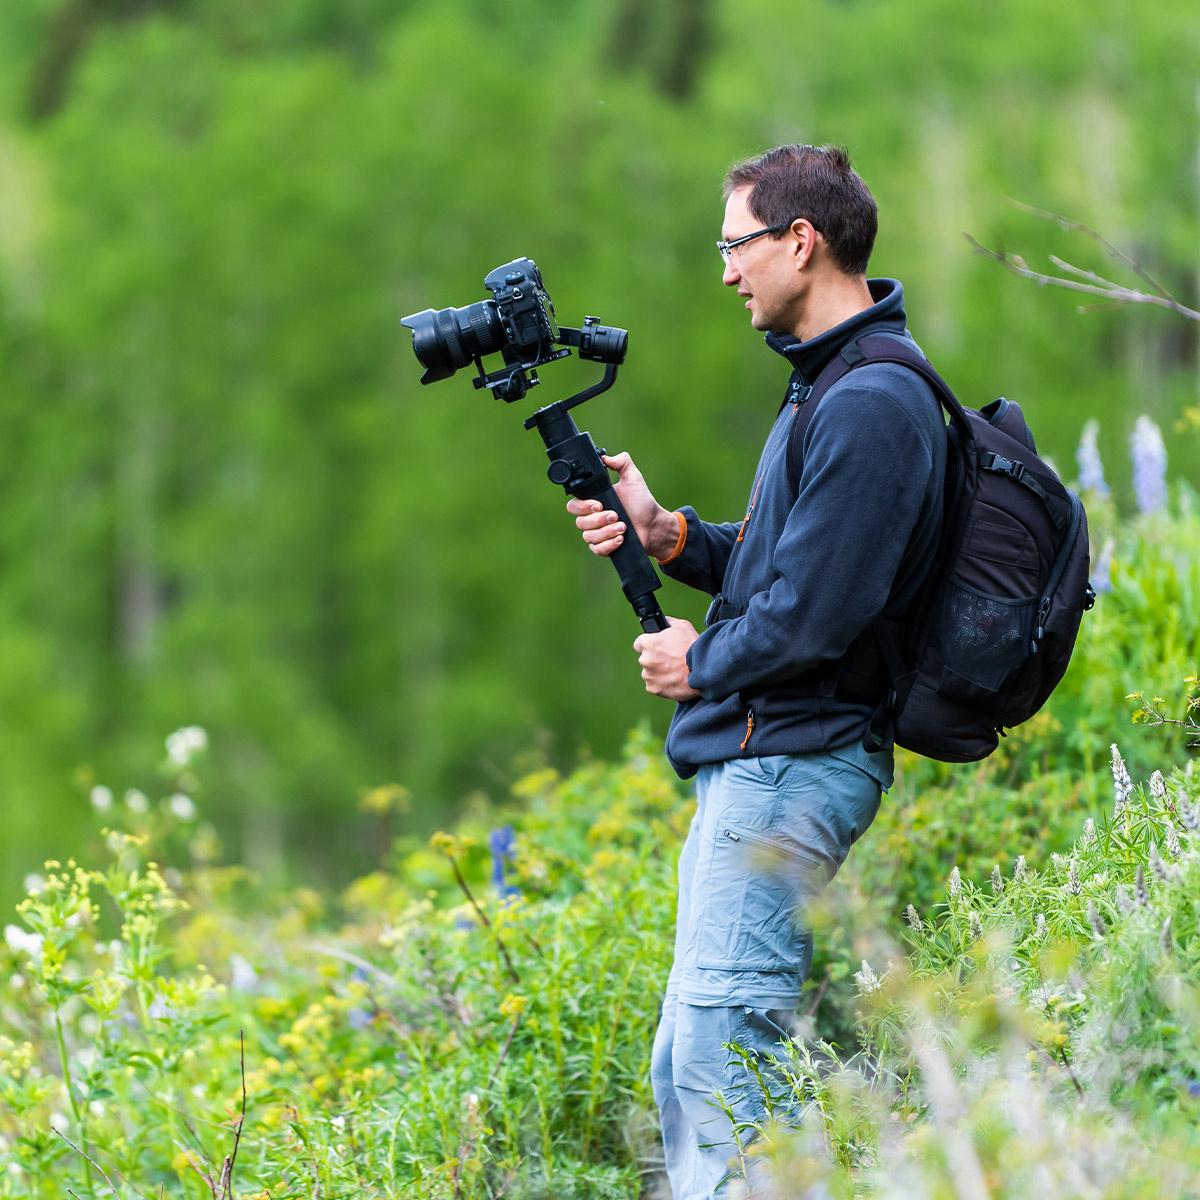 Homme debout dans la nature pour un week-end photo à l'iffcam